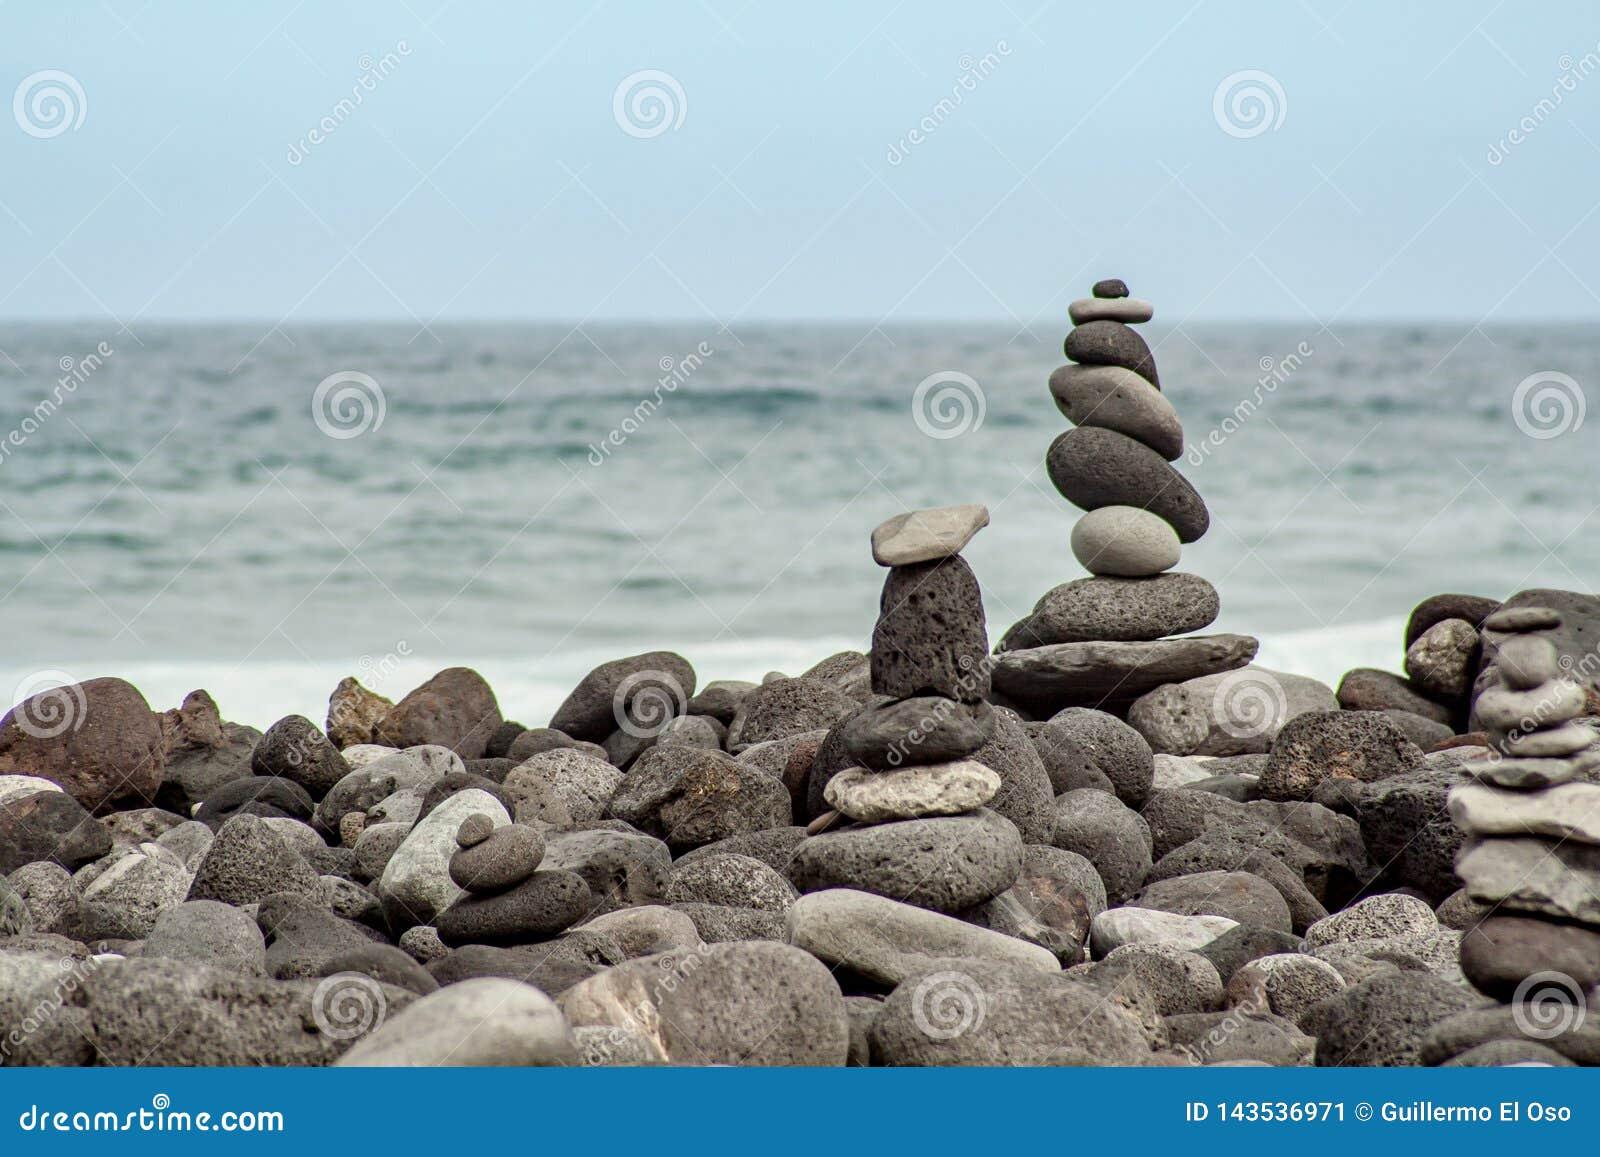 Torrecillas de piedra en la costa por el mar